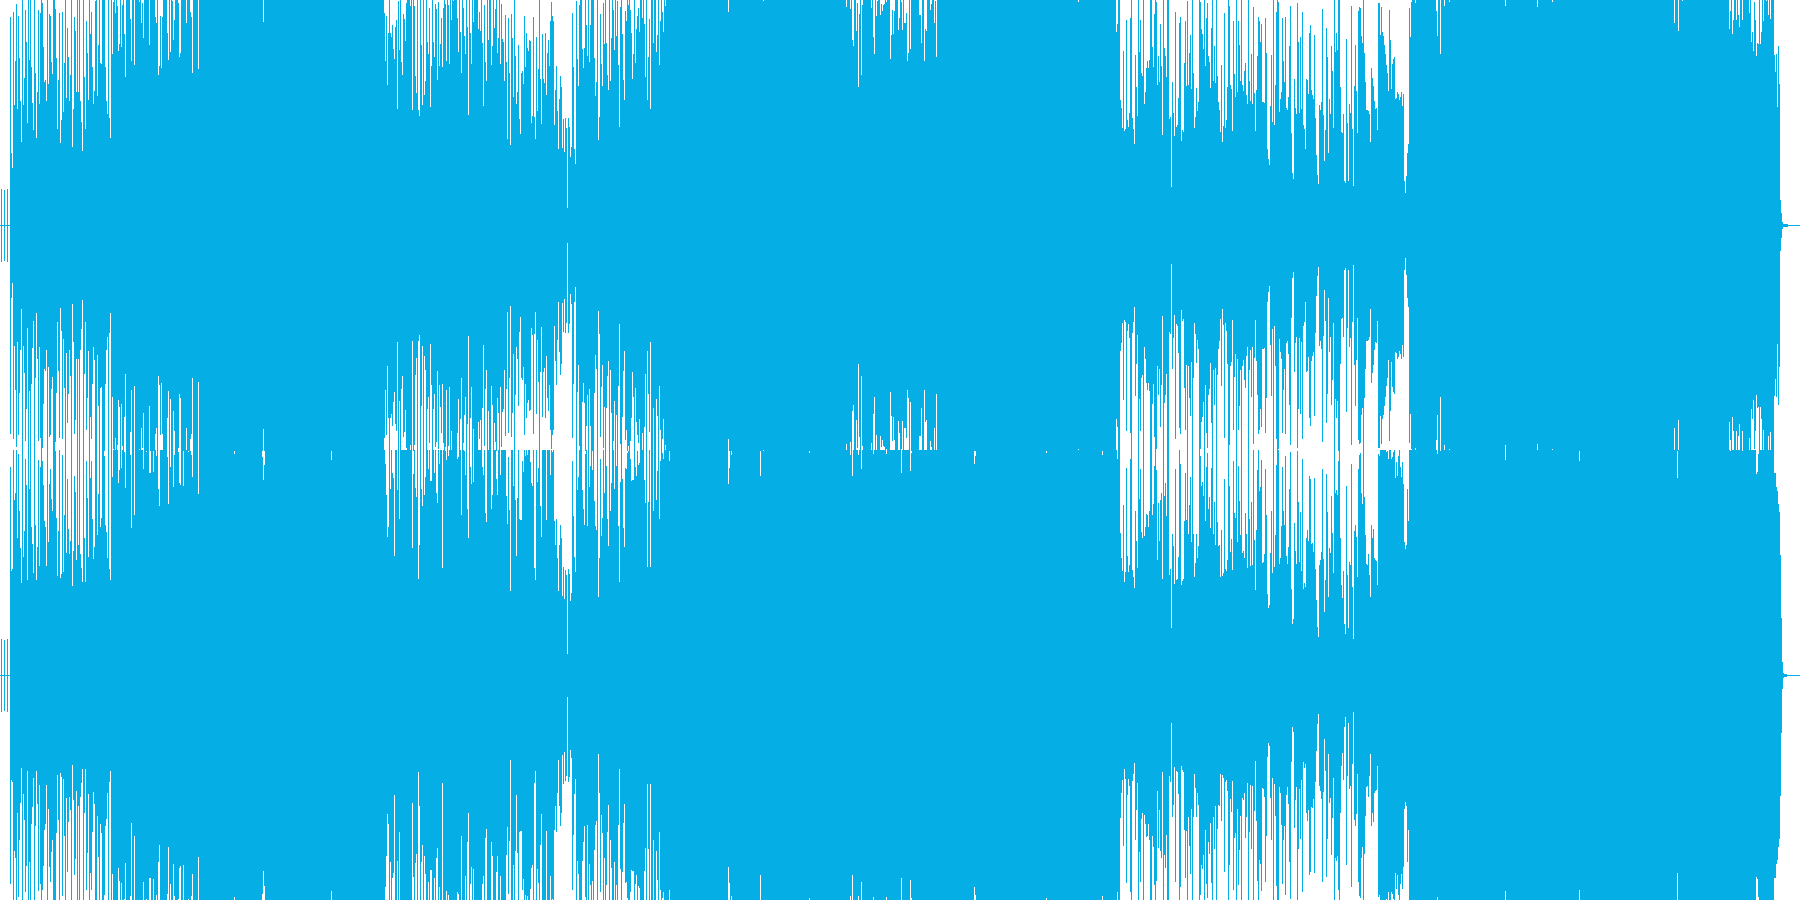 パワフルなラブシーソーの再生済みの波形